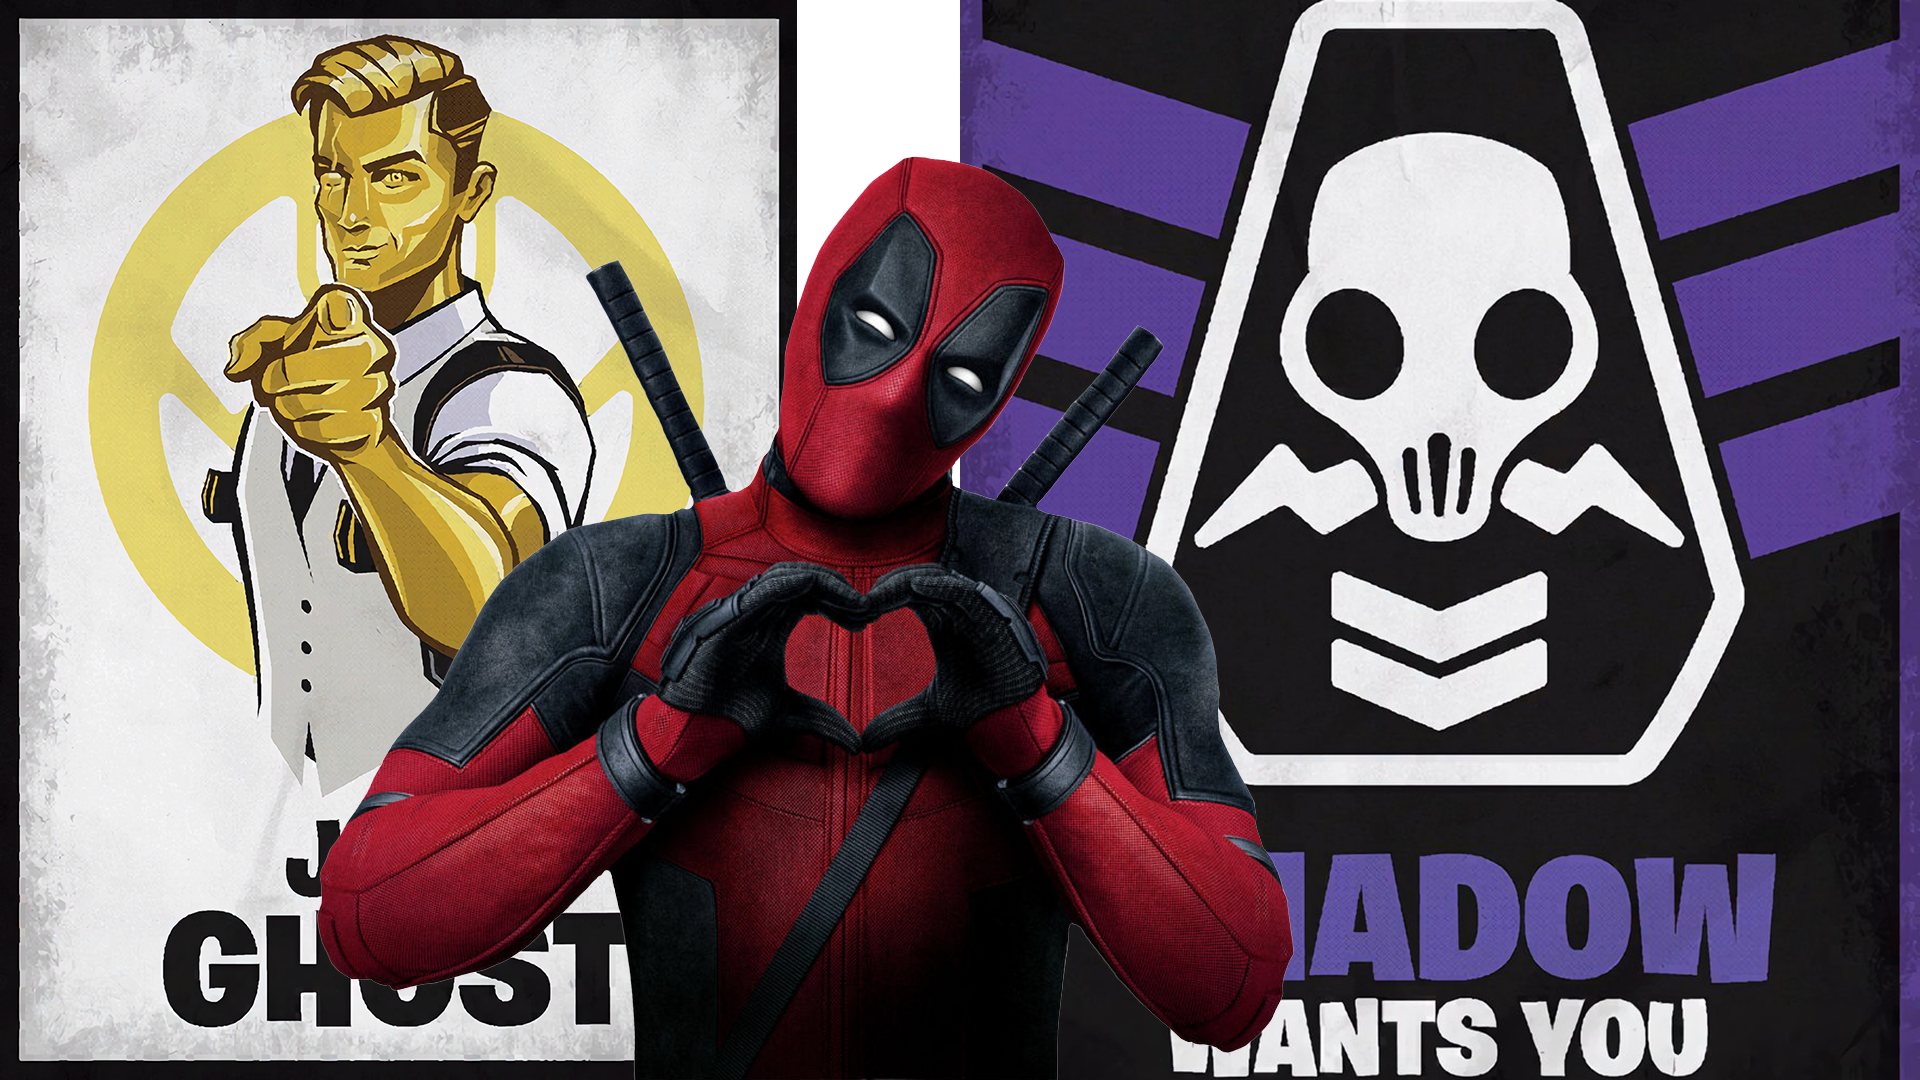 Desafíos de Fortnite Deadpool: dónde desfigurar los carteles y encontrar un gran marcador negro 75